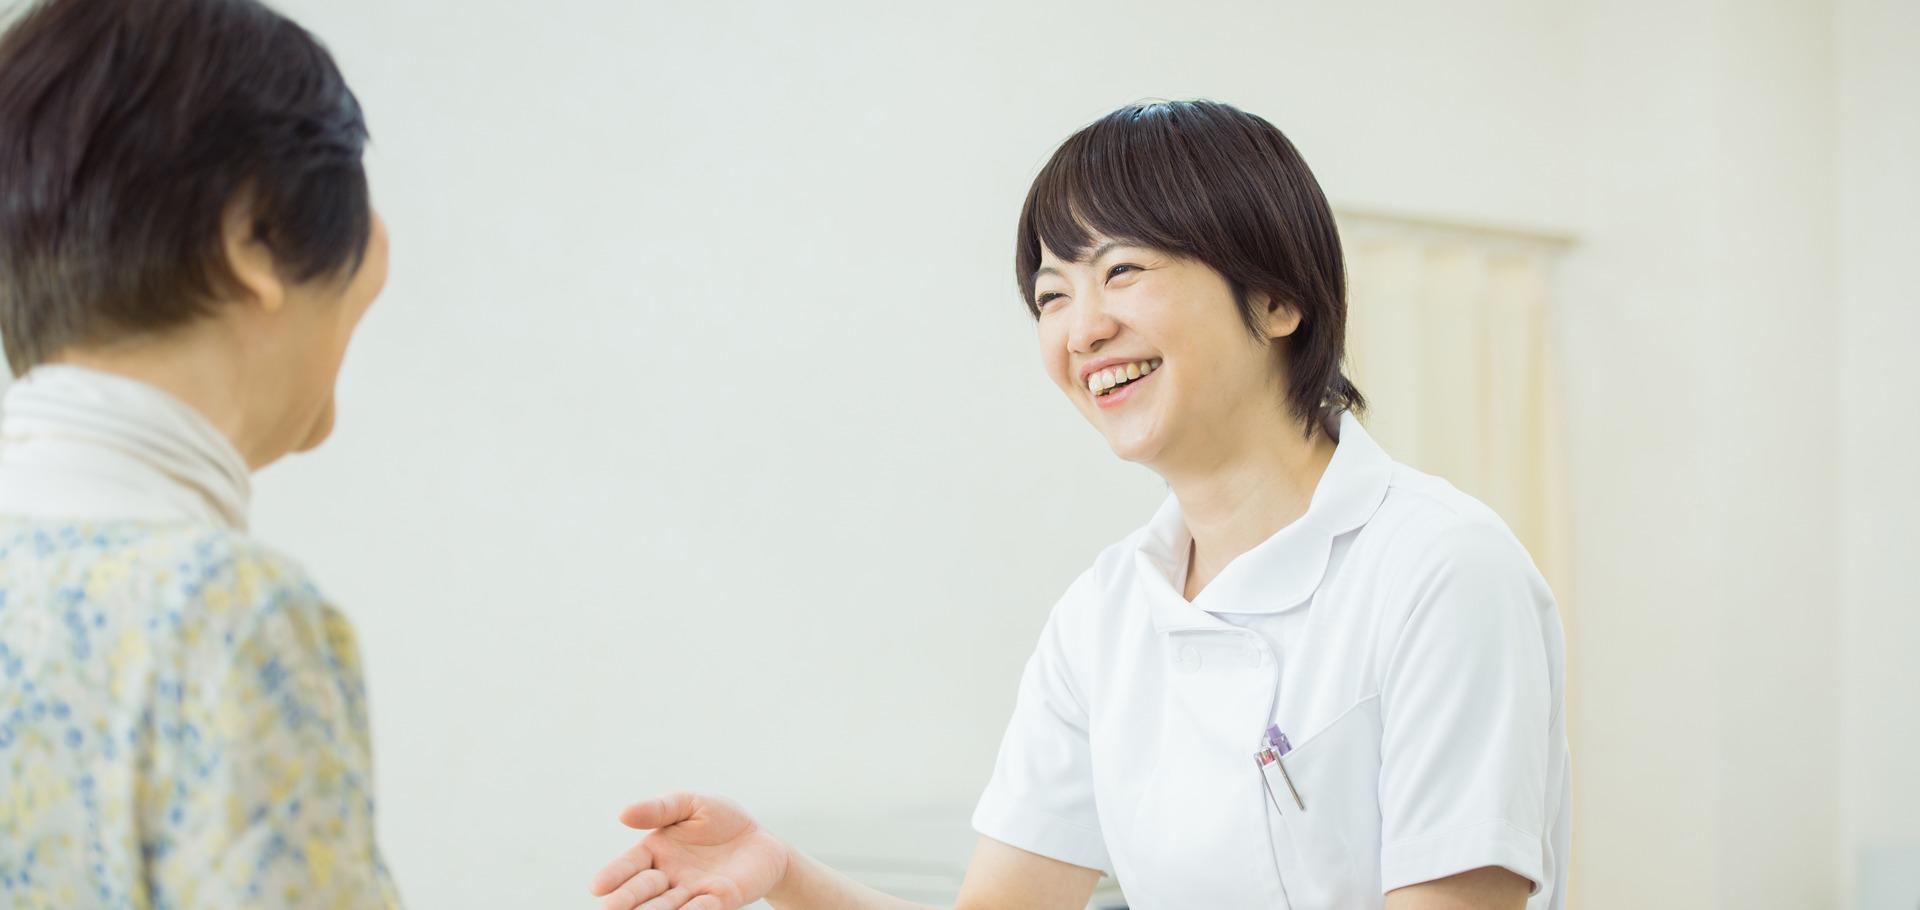 看護婦さんが笑顔でお客様に話している